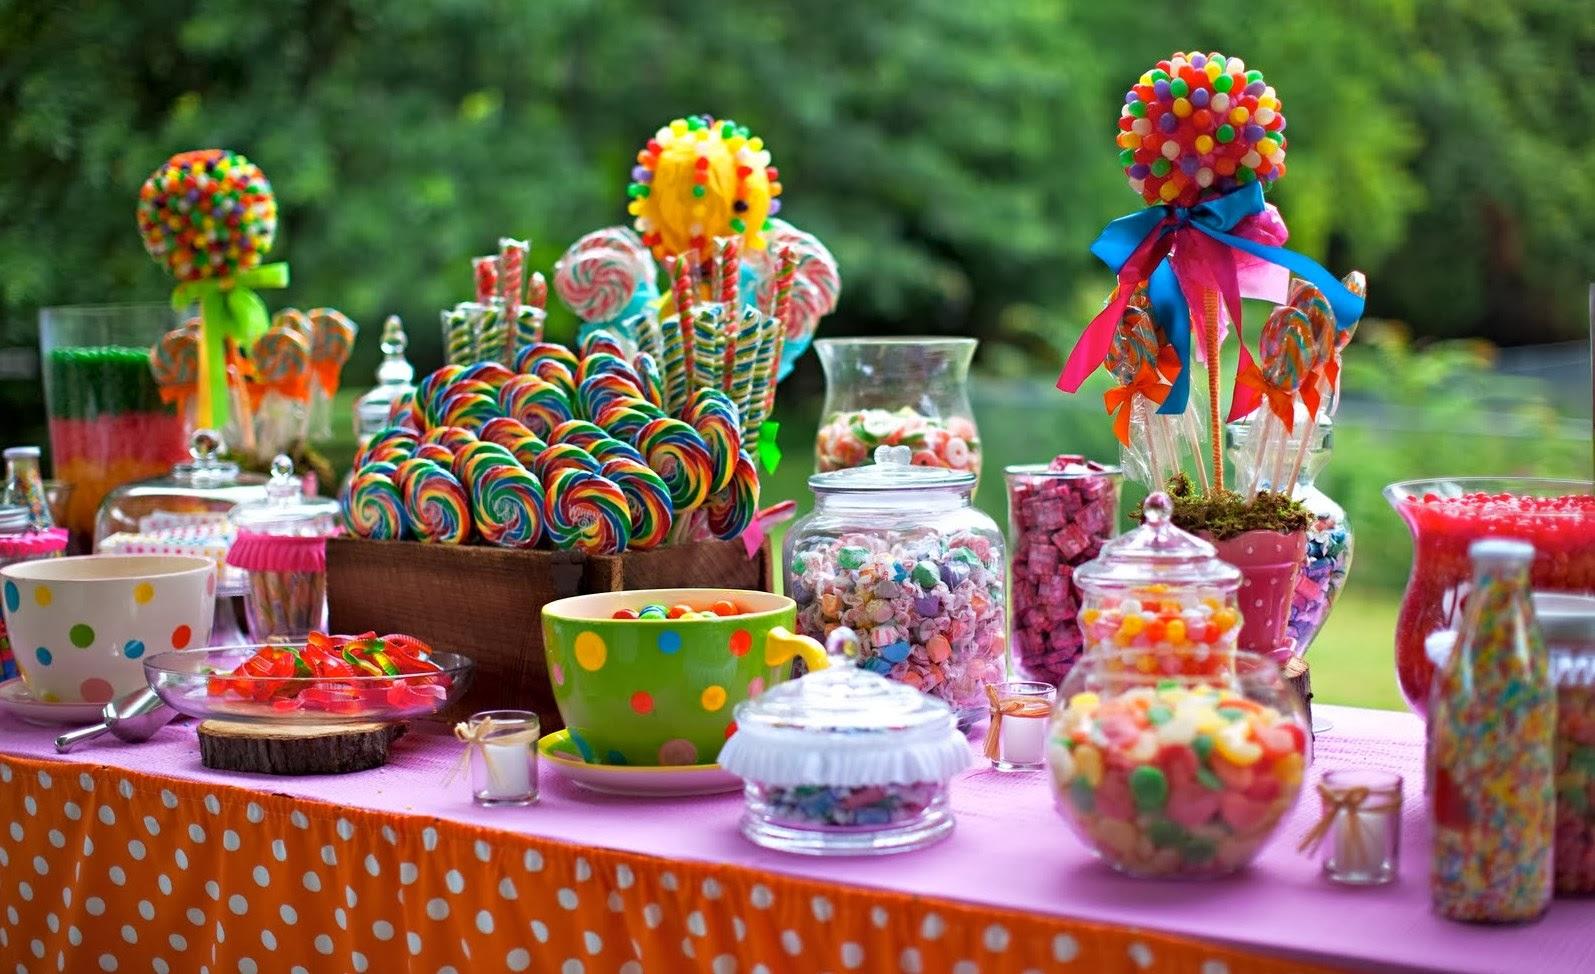 Recetasquick como preparar la mesa dulce para una fiesta - Como hacer una fiesta de cumpleanos ...